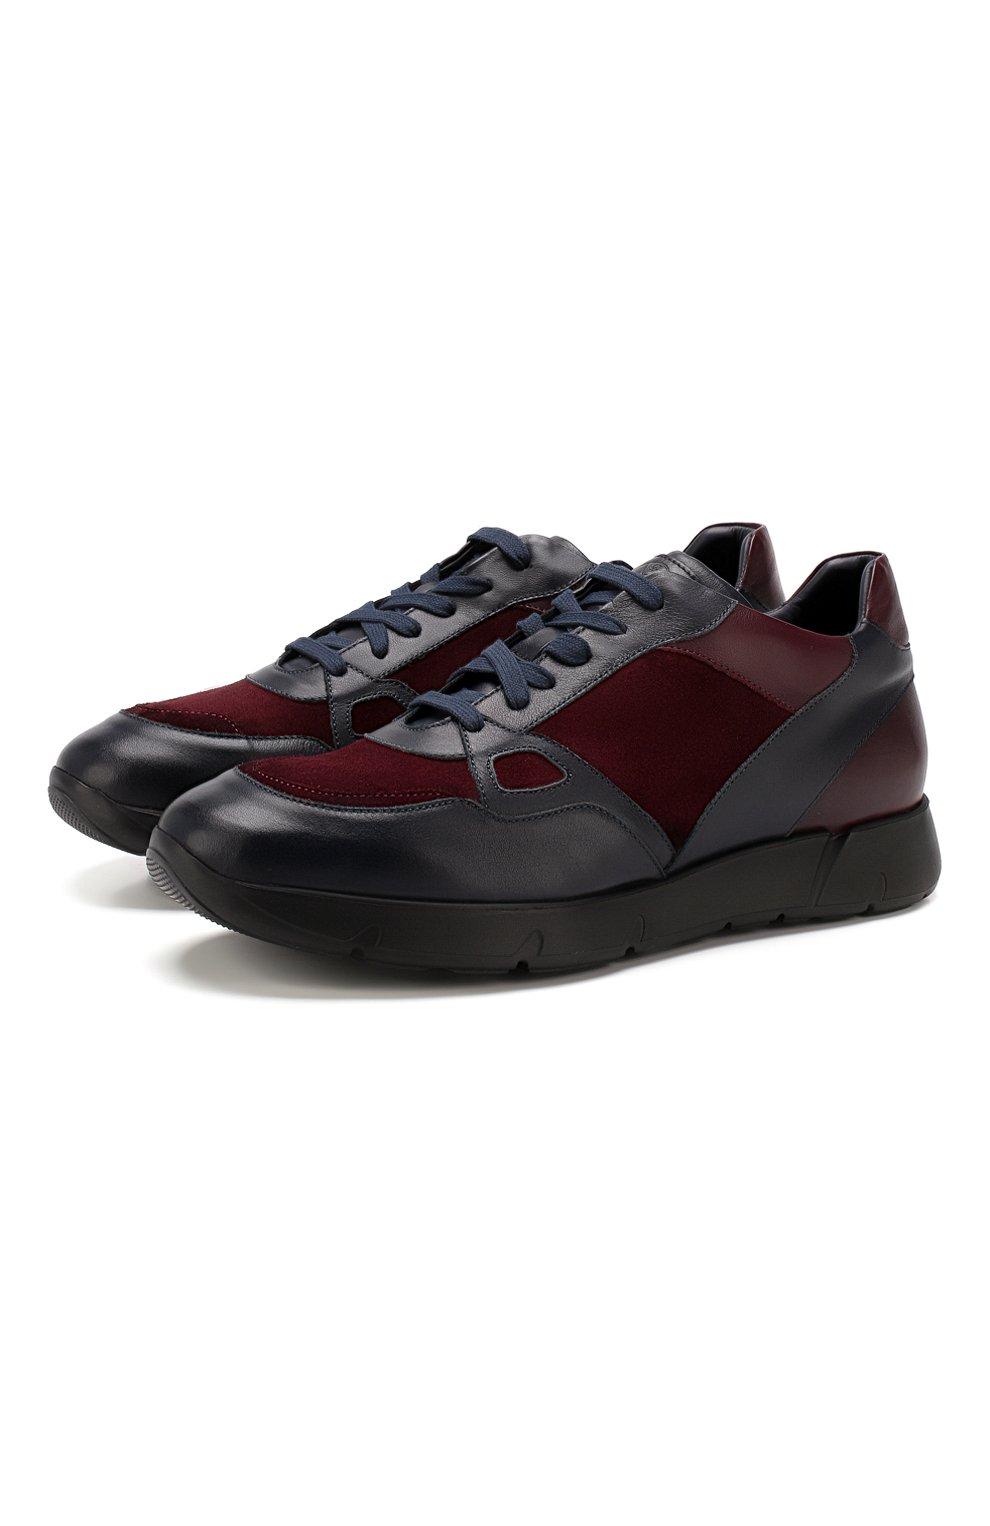 Мужские кожаные кроссовки ANDREA CAMPAGNA синего цвета, арт. 302010.94.94 | Фото 1 (Стили: Классический; Статус проверки: Проверено, Проверена категория; Подошва: Массивная)